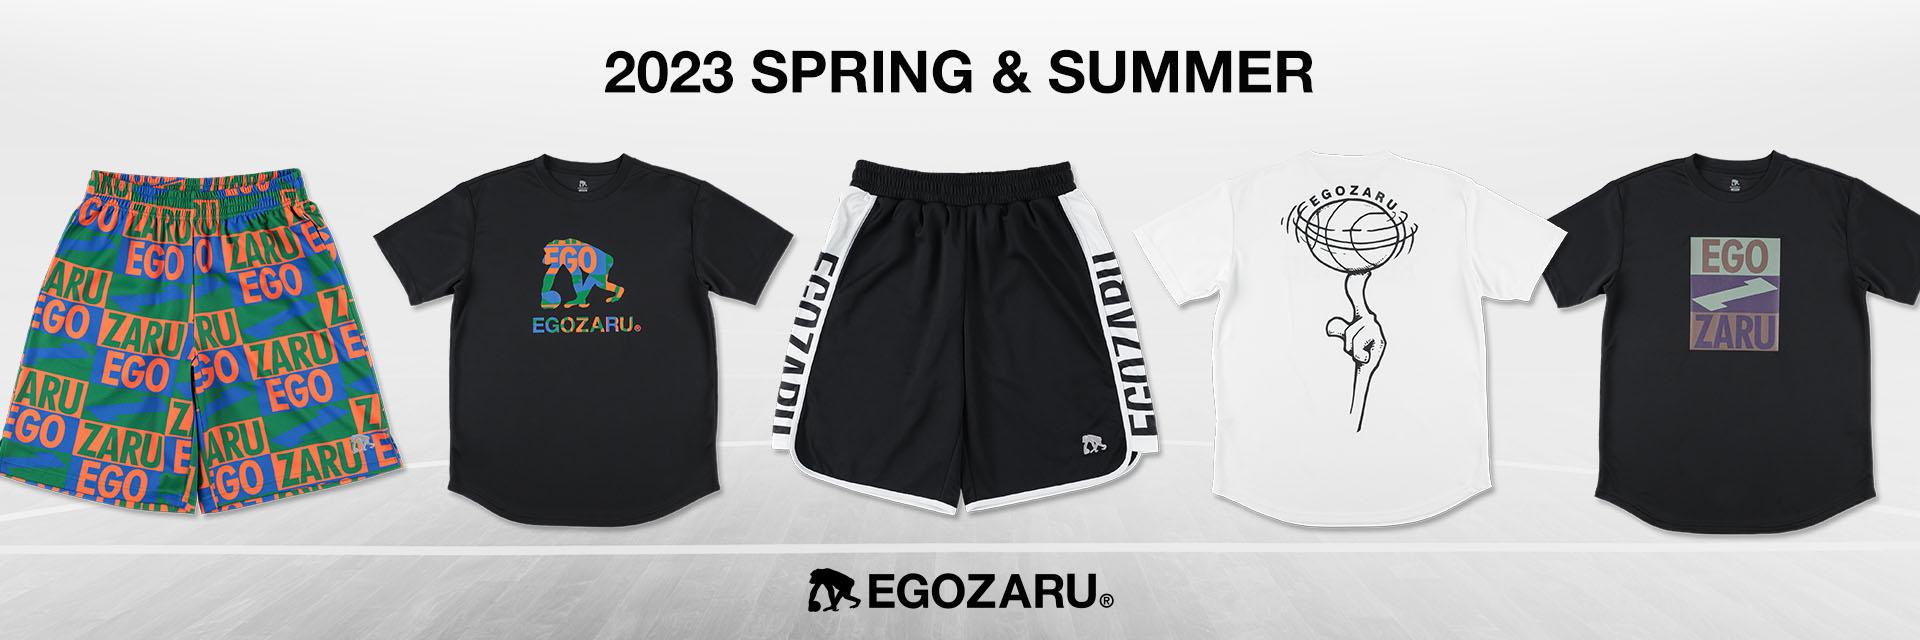 Air Jordan XXXVI